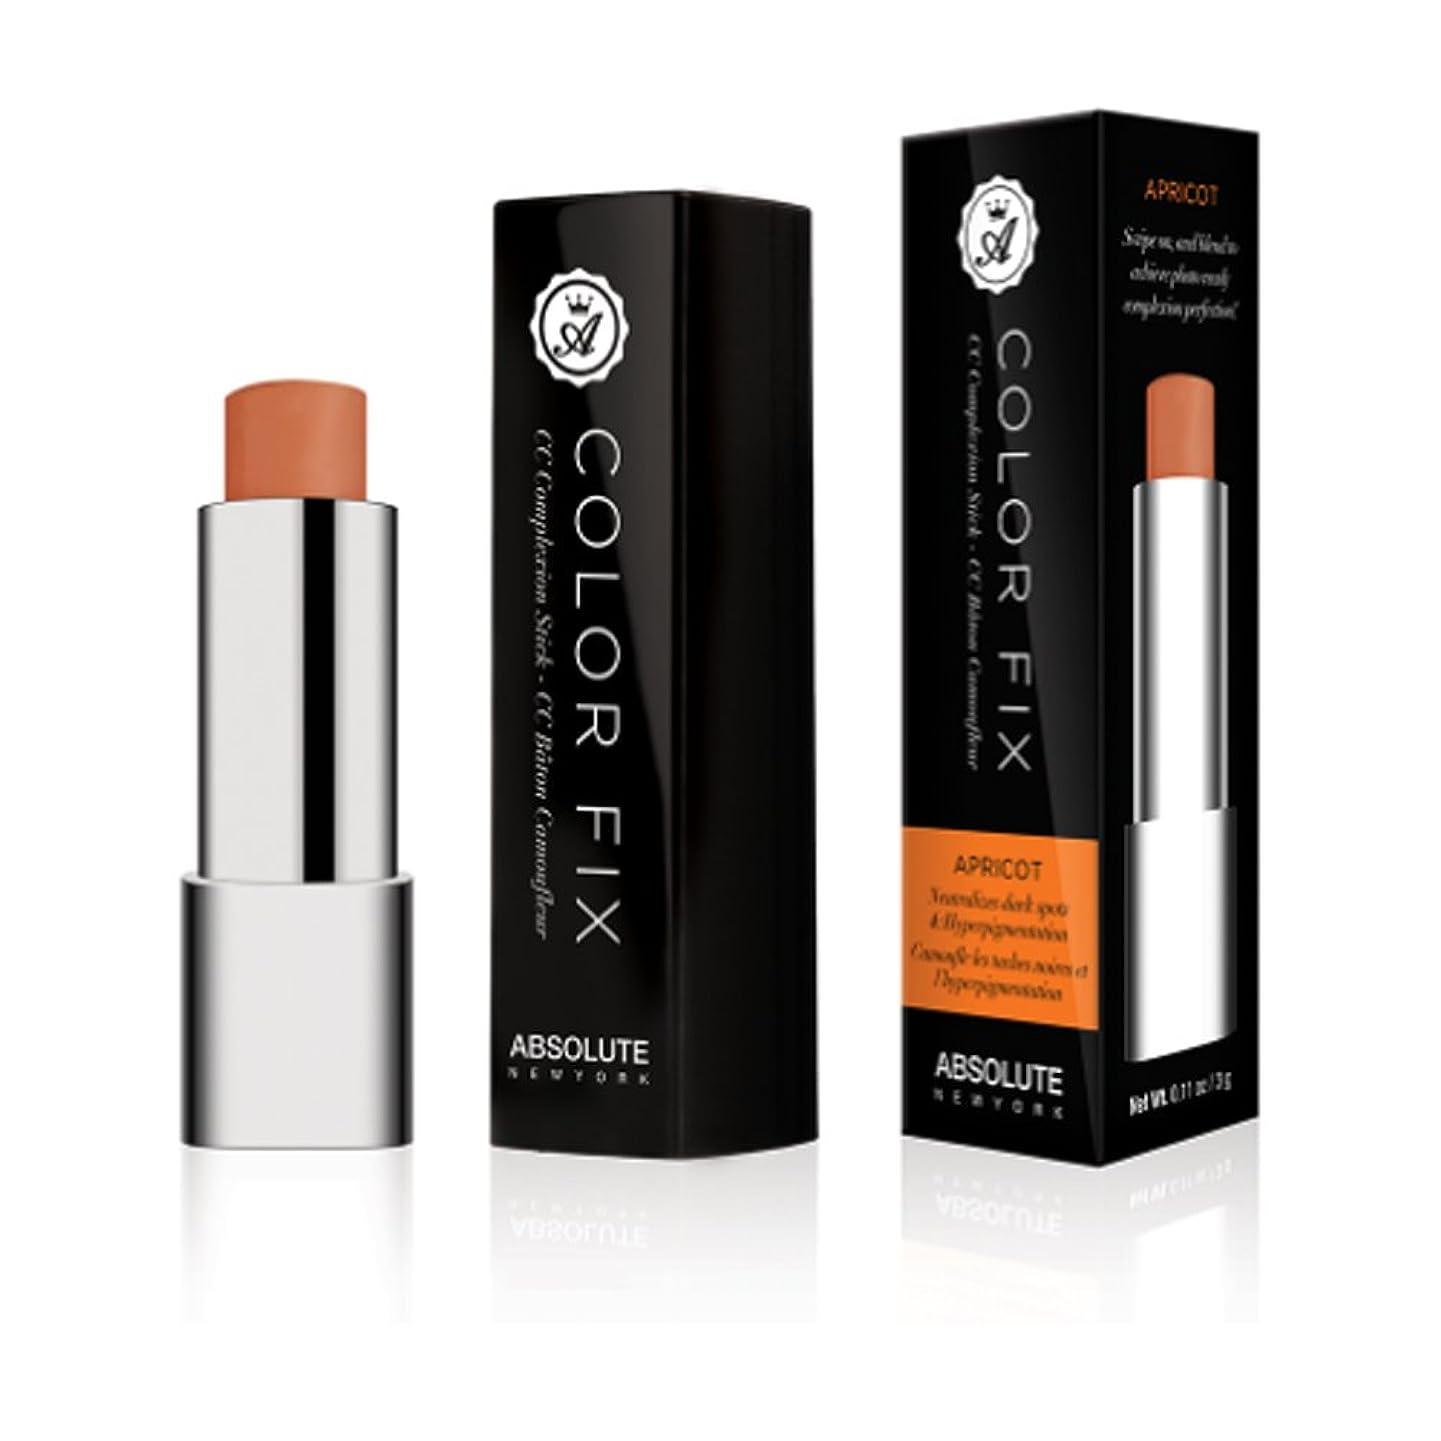 準備した同僚収束する(3 Pack) ABSOLUTE Color Fix Complexion Stick - Apricot (並行輸入品)